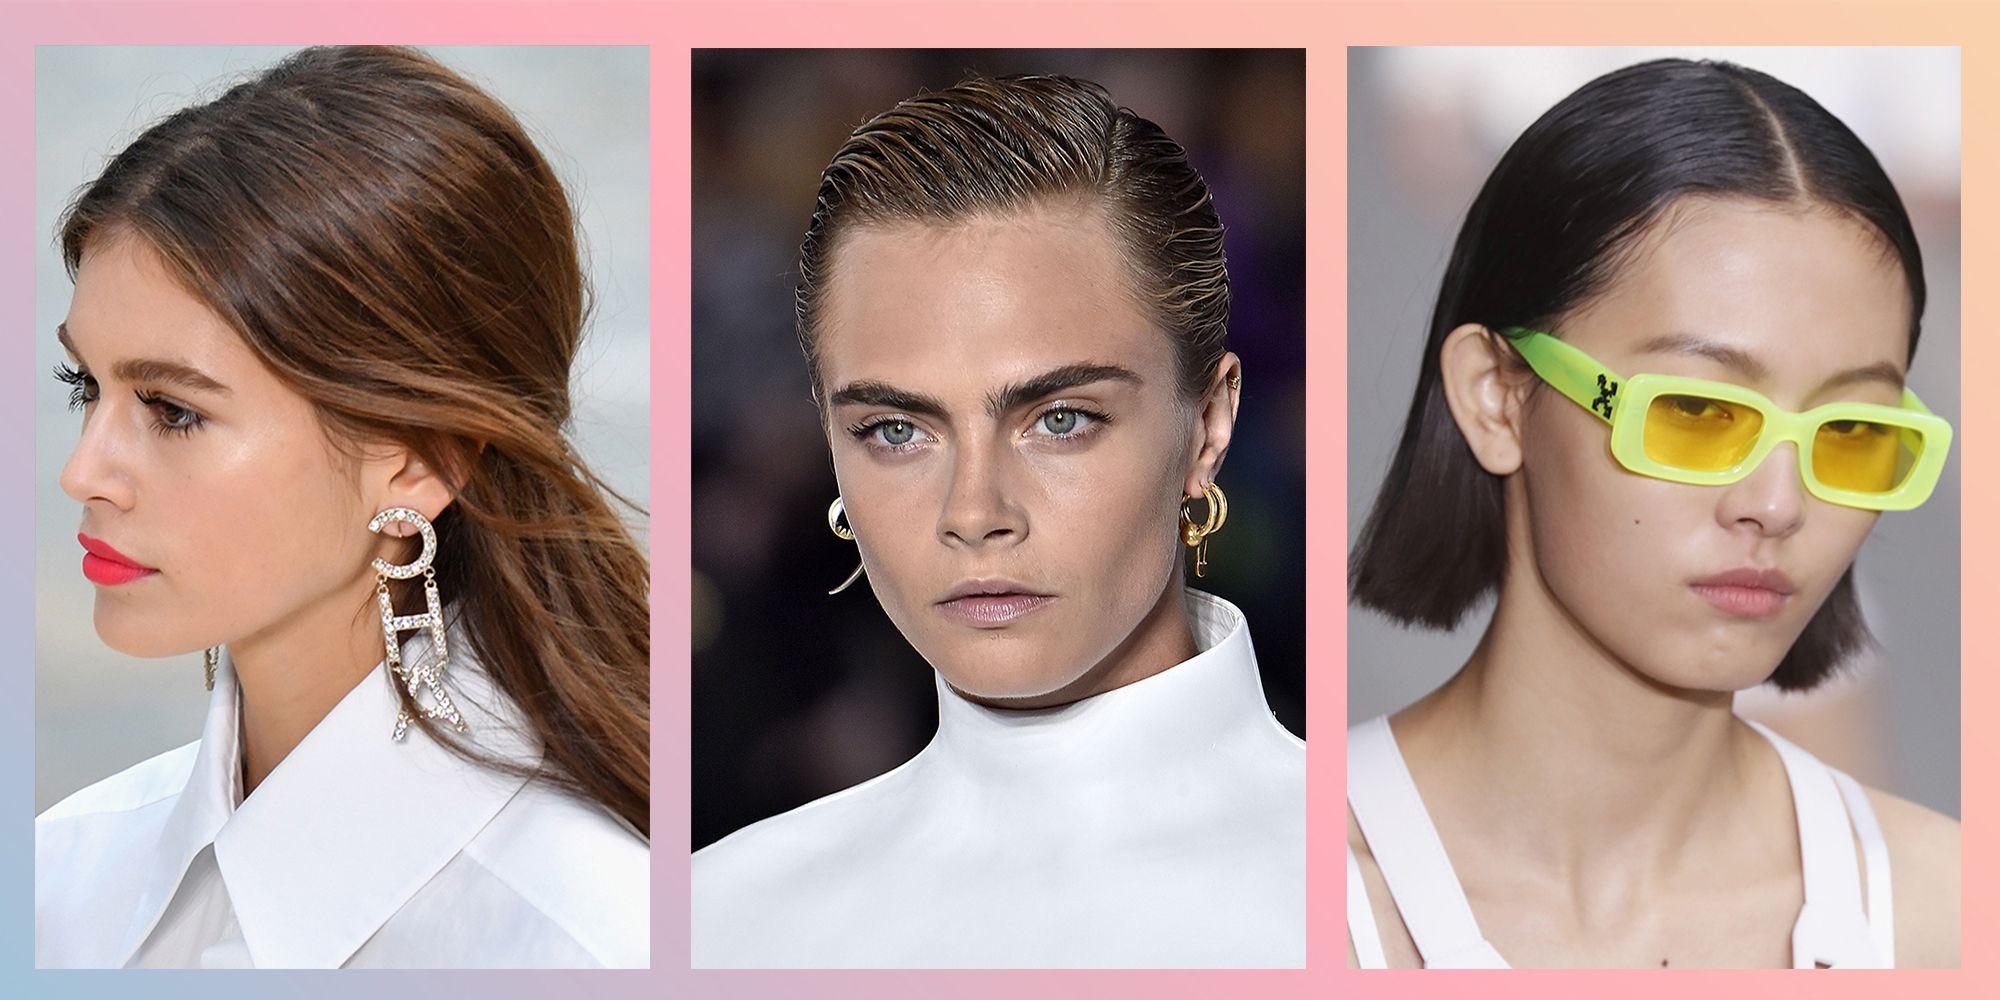 Immagini tagli capelli corti primavera estate 2019